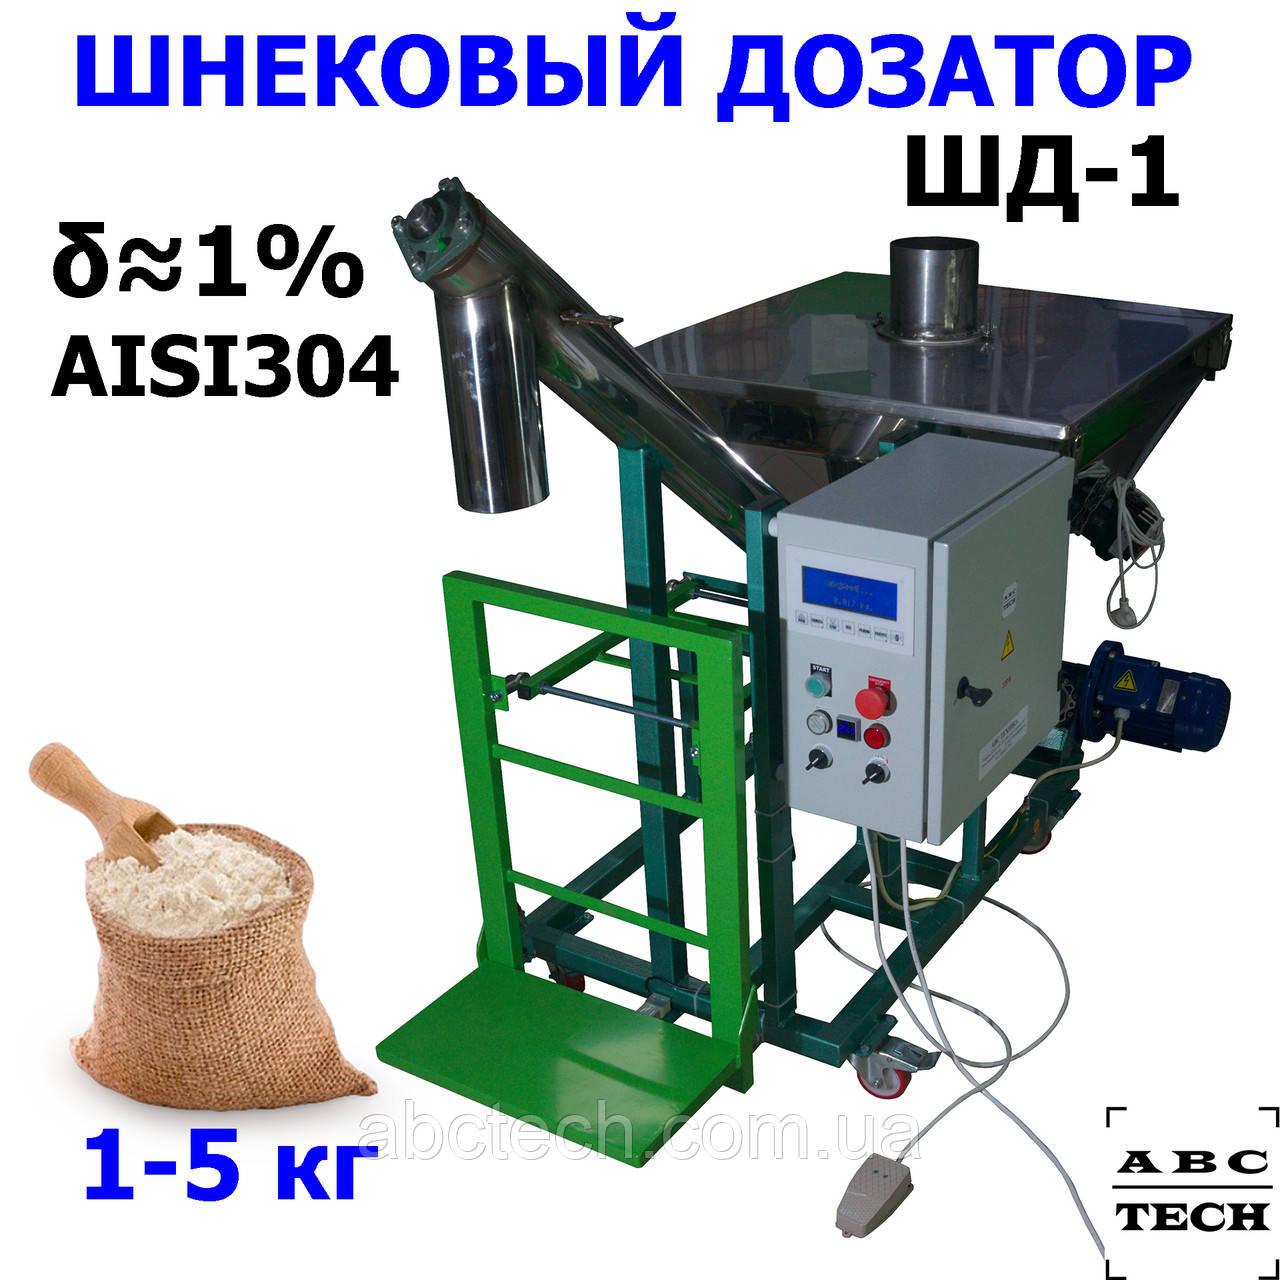 Ваговий Дозатор шнековий для борошна 1-5 кг КД-1